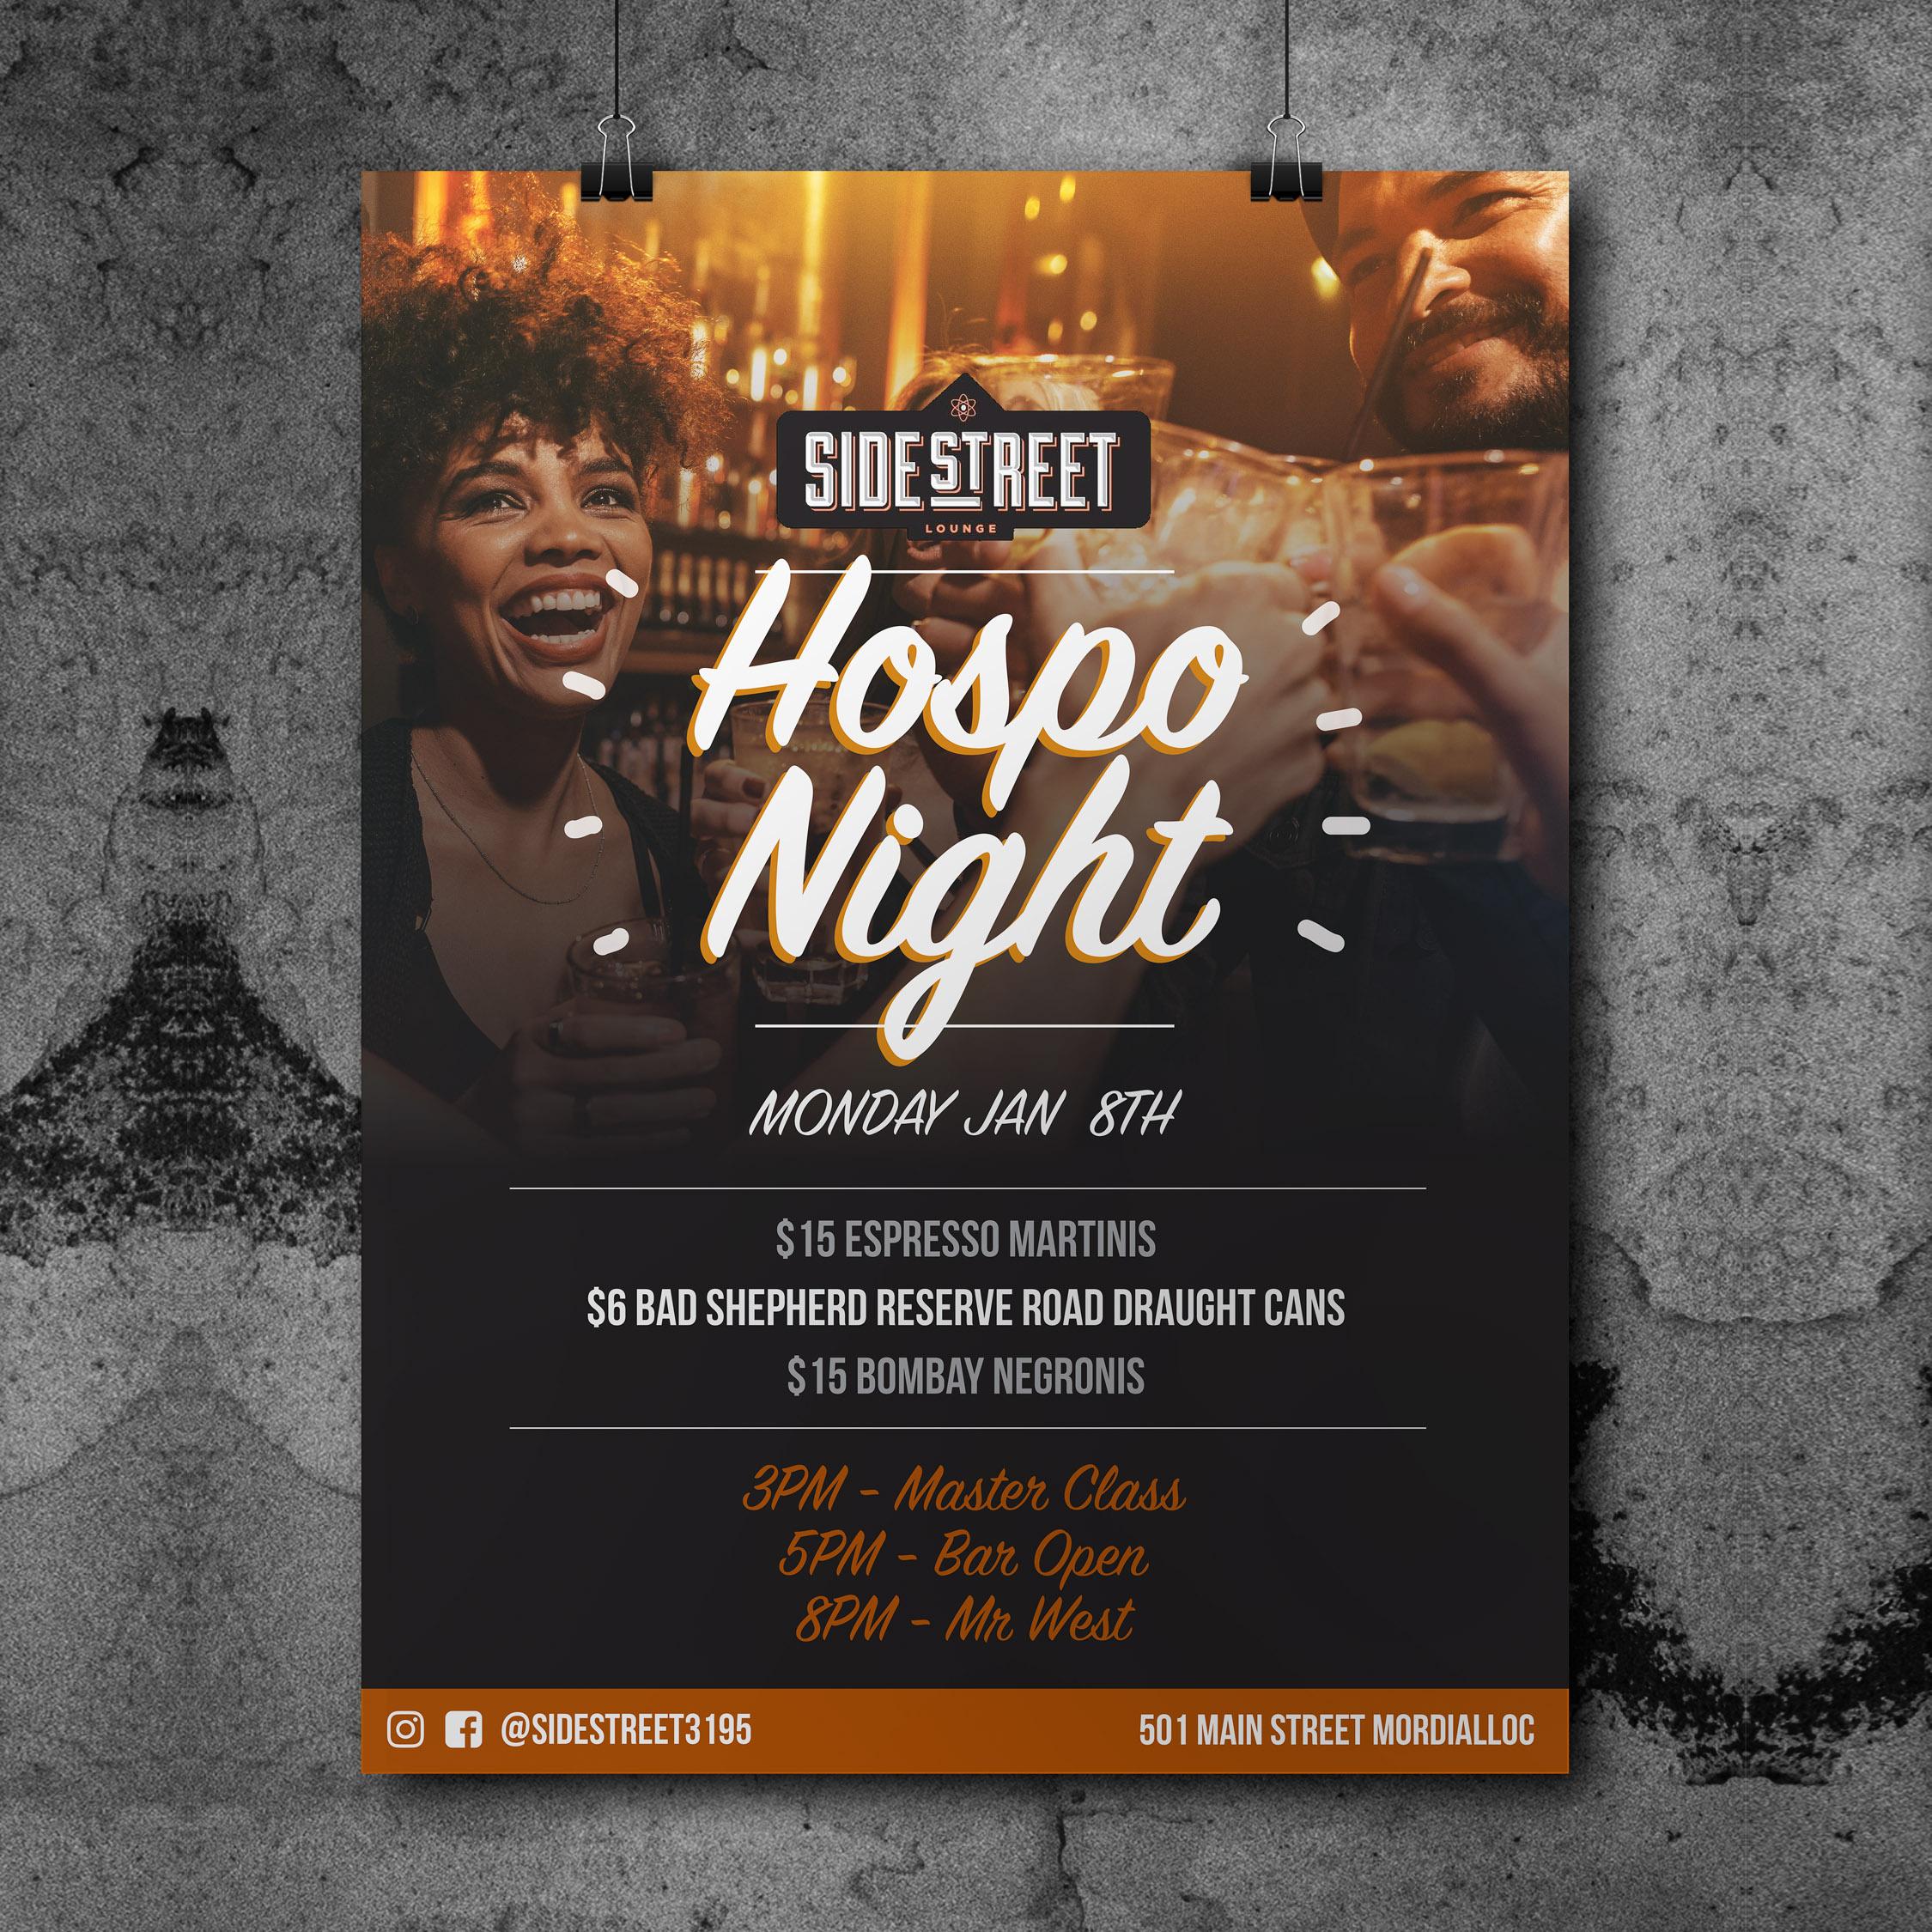 Side Street Hospo Night Poster Design